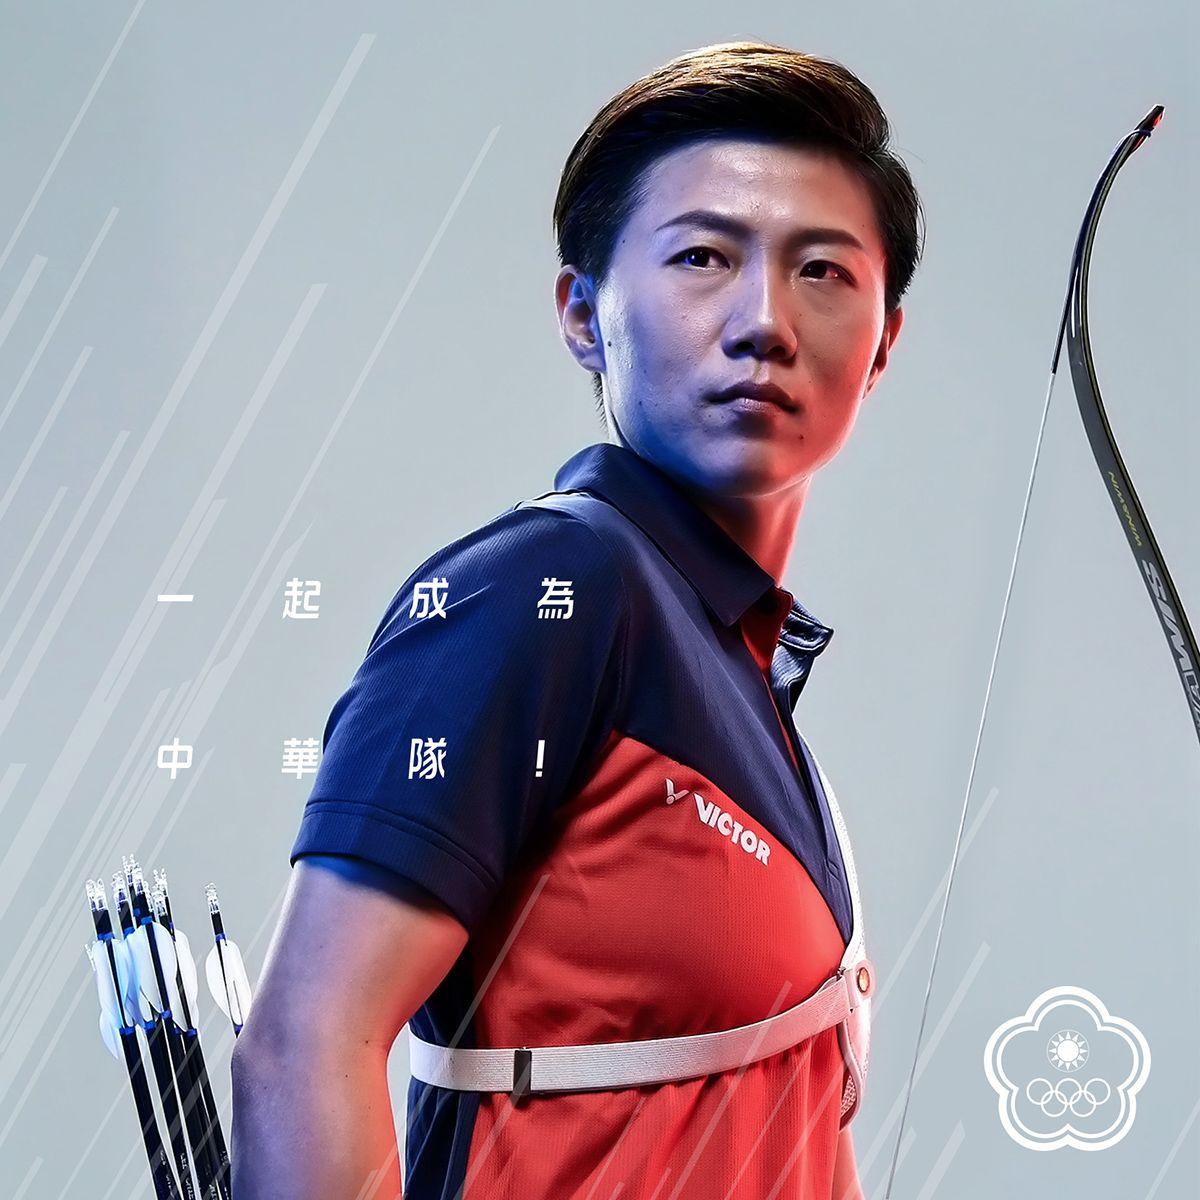 雷千瑩。(圖片來源/中華奧會 Chinese Taipei Olympic Committee@Facebook)